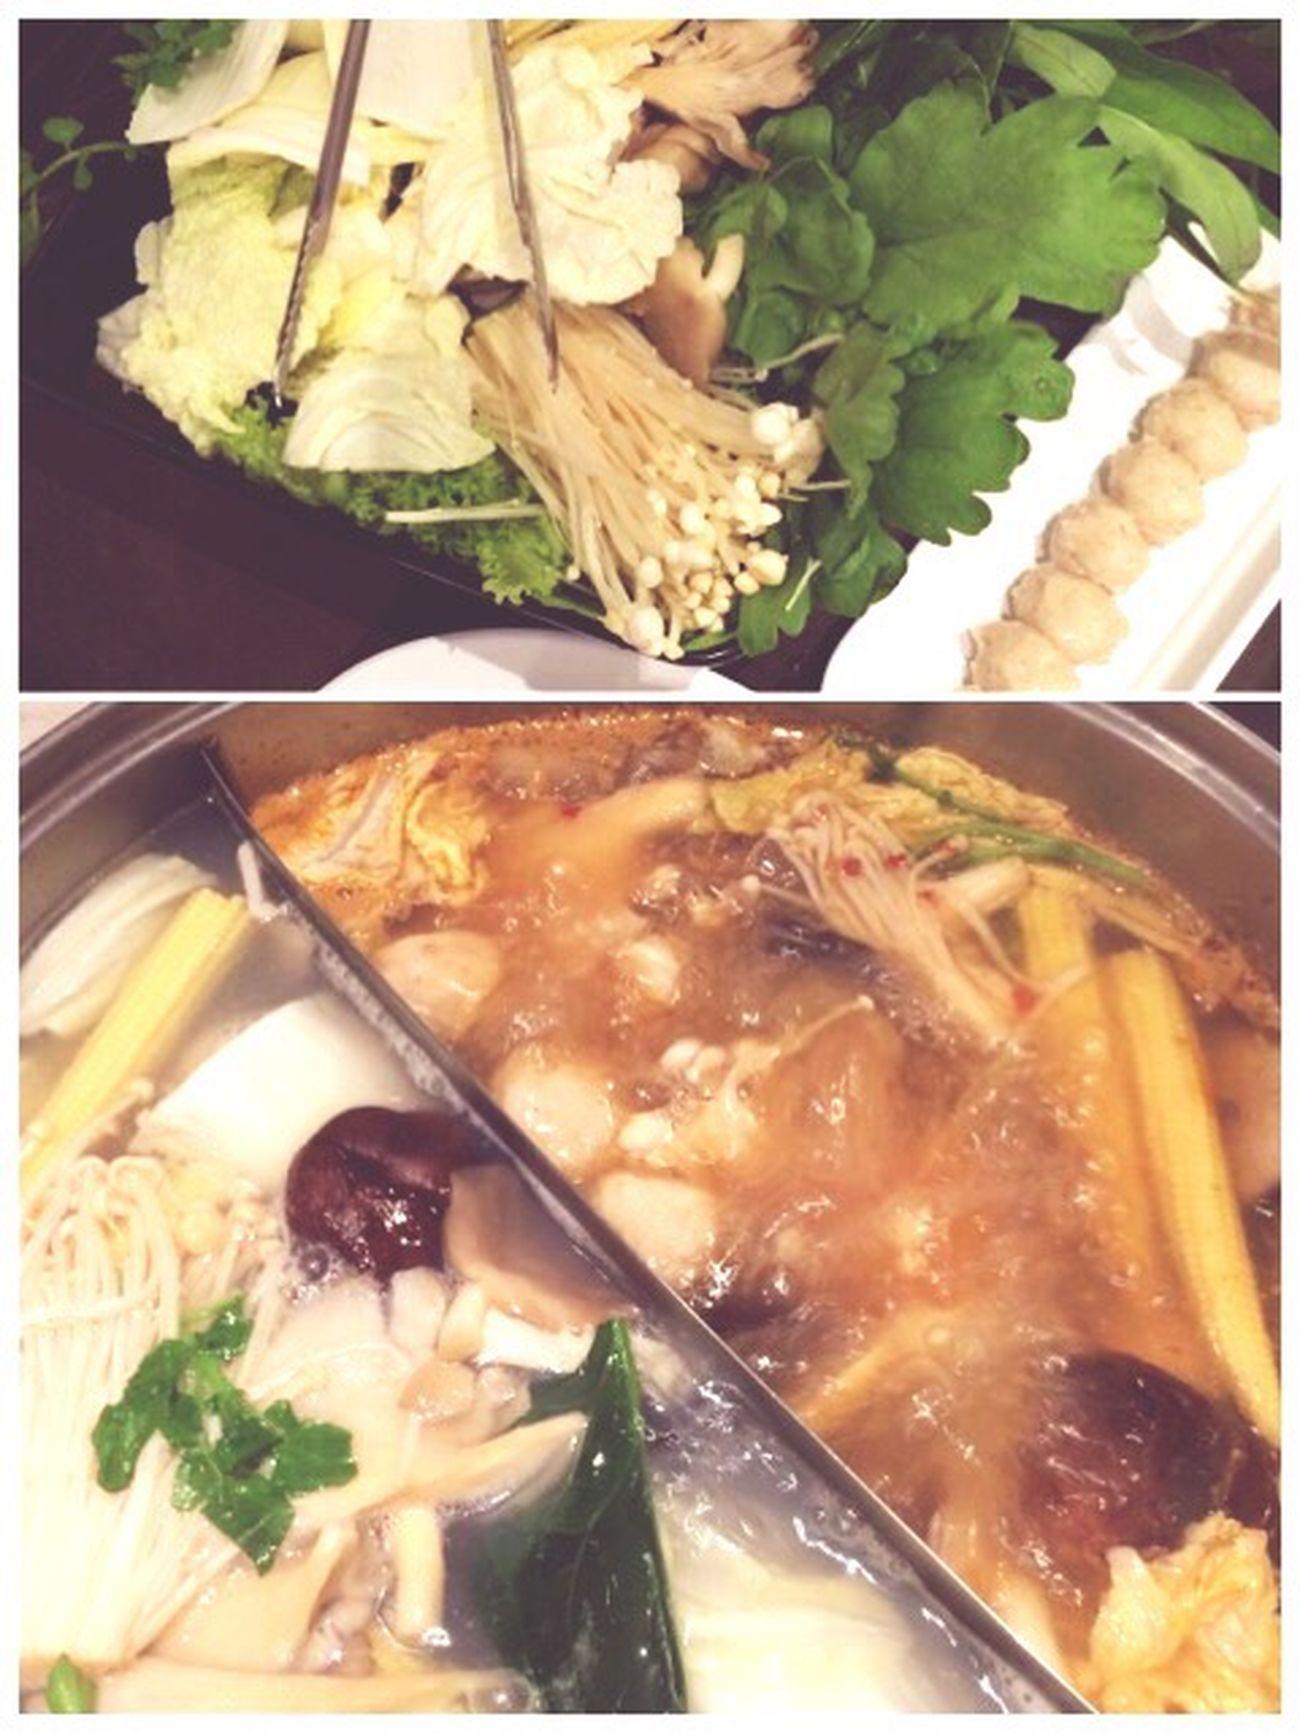 每次去新加坡都会光顾的泰国火锅。给胖的已经面目全非的小冰箱~ Eating